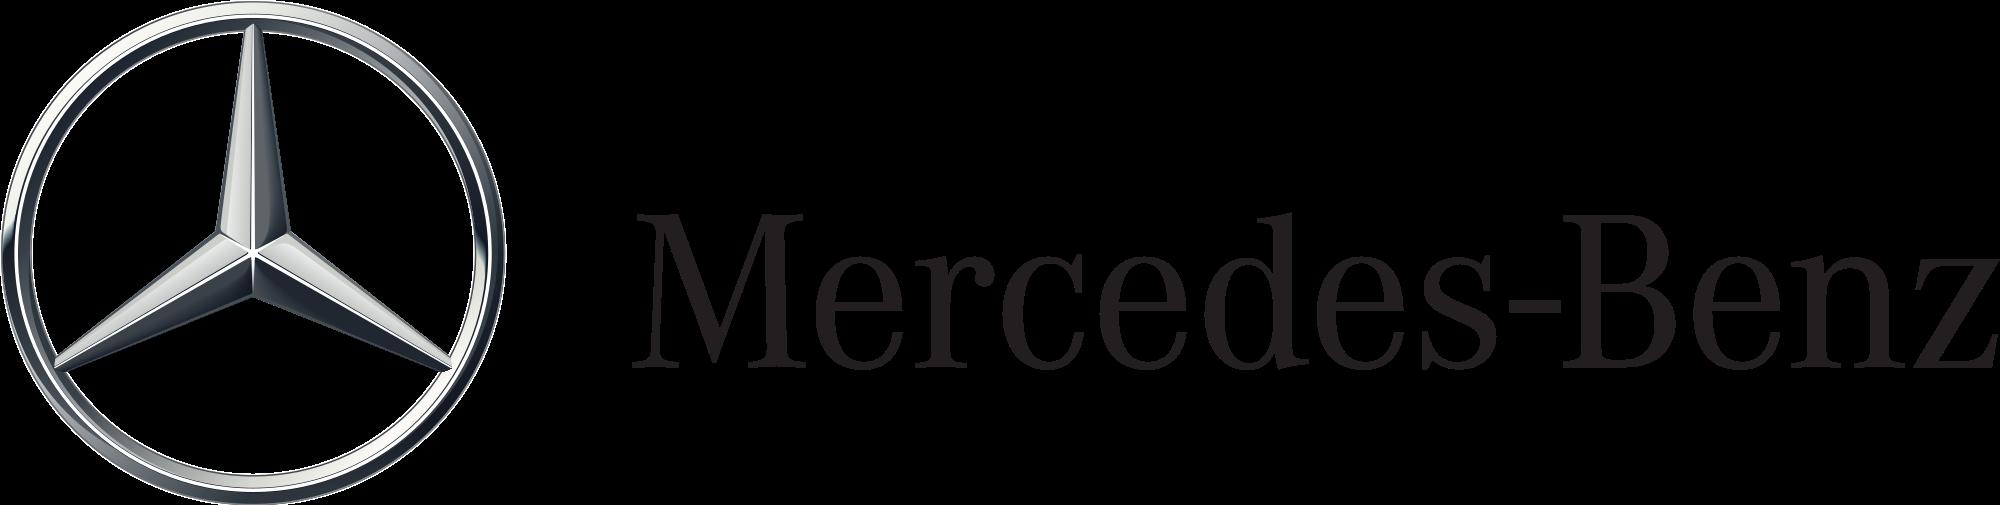 Mercedes Benz Logo PNG - 110996